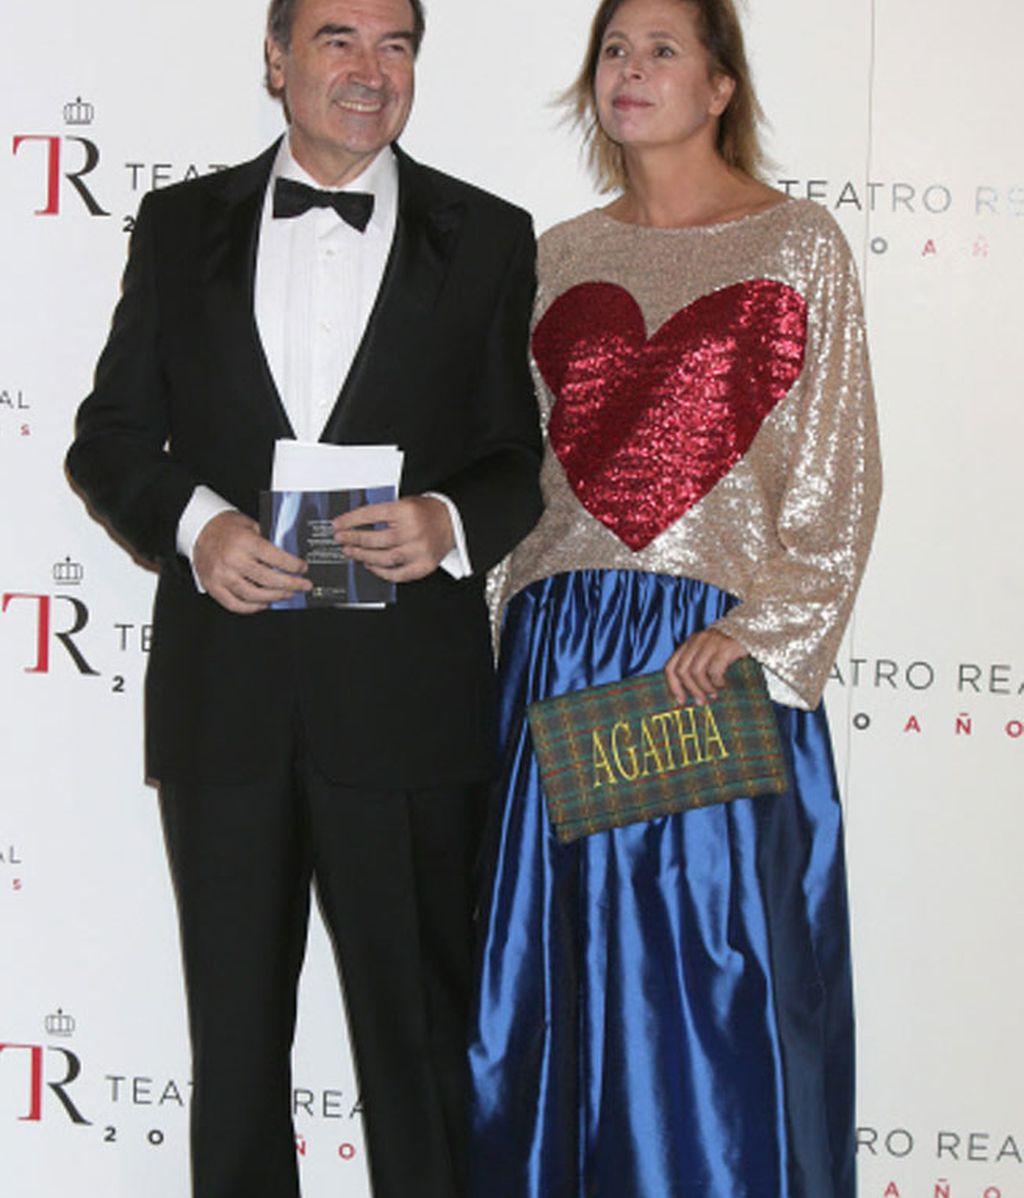 Pedro J. Ramírez y Ágatha Ruiz de la Prada con un diseño propio